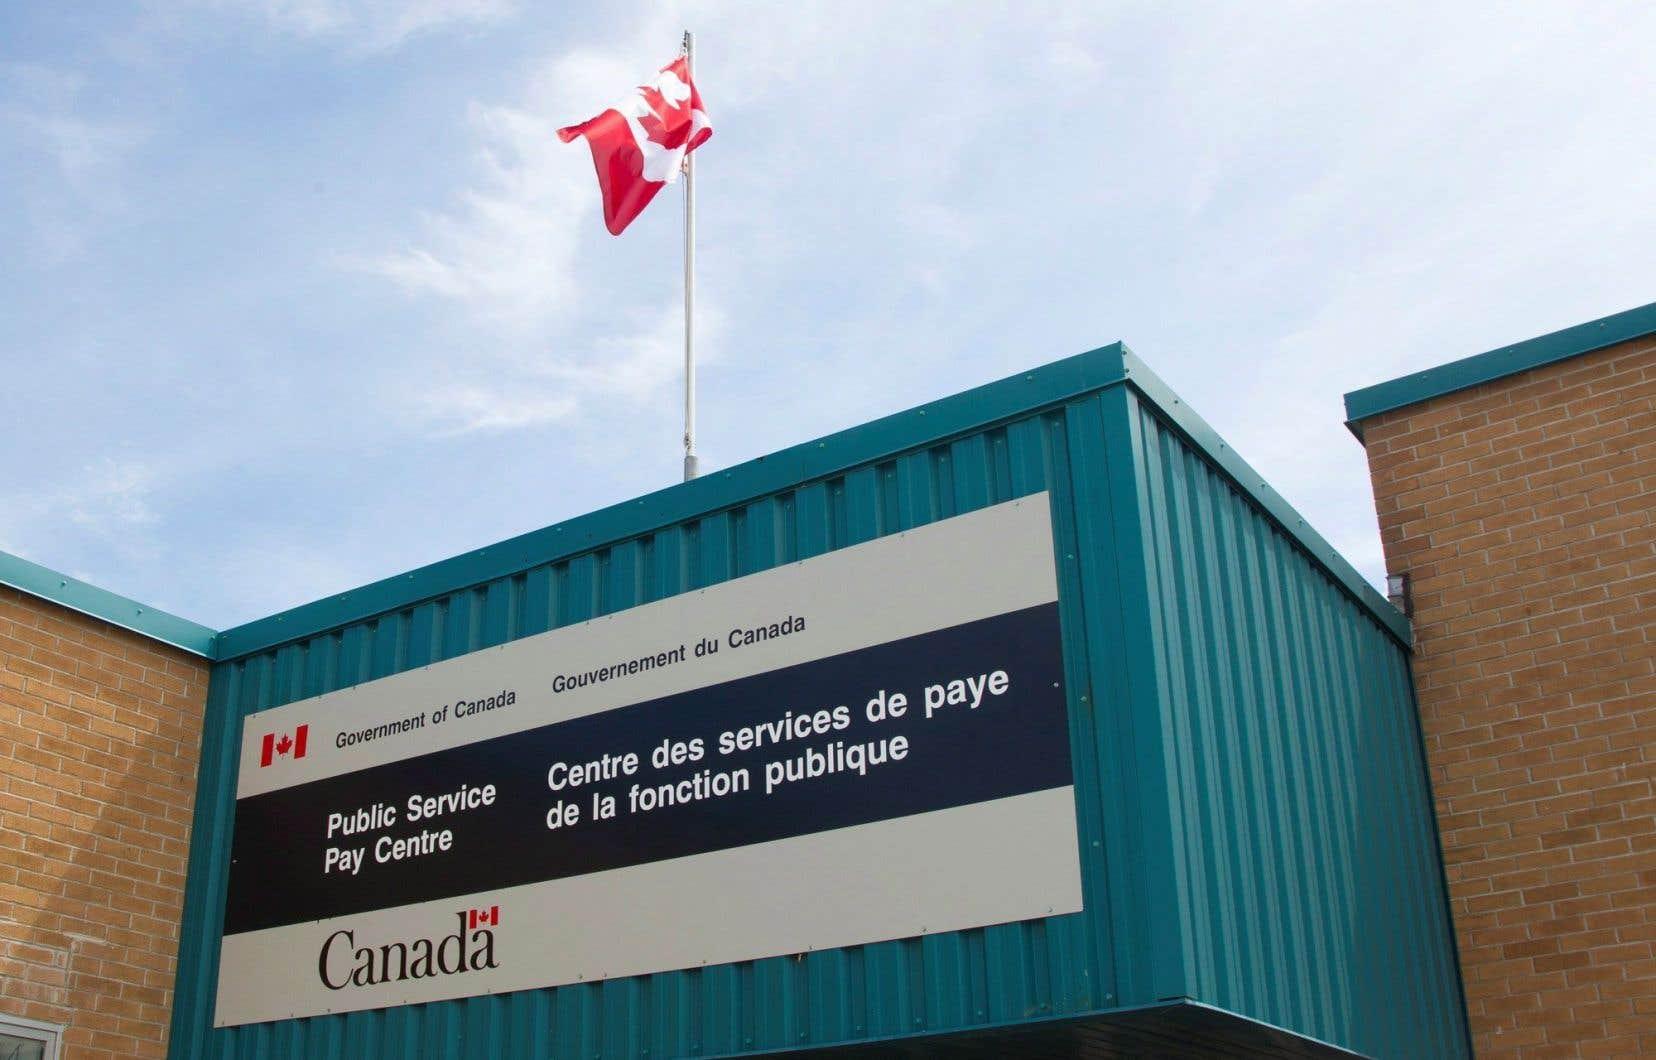 L'an dernier, l'AFPC, qui est le plus grand syndicat de fonctionnaires fédéraux au pays, avait rejeté l'offre du gouvernement fédéral de cinq journées de congé, soit 1,25 jour par année de problèmes avec Phénix.